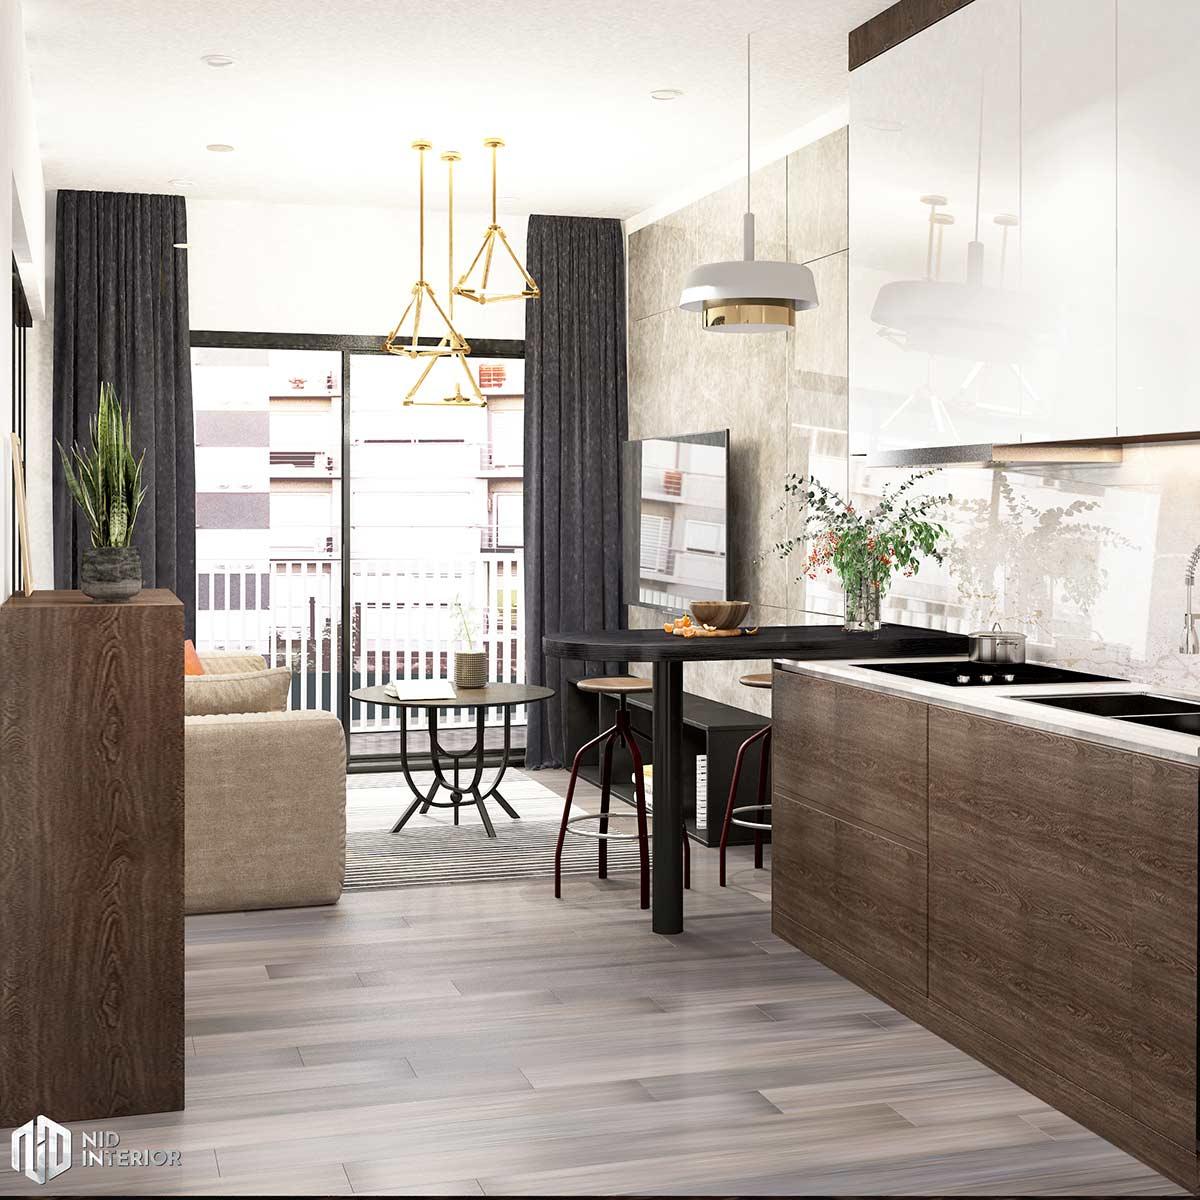 Thiết kế nội thất căn hộ Vinhomes Grand Park 50m2 - Bếp